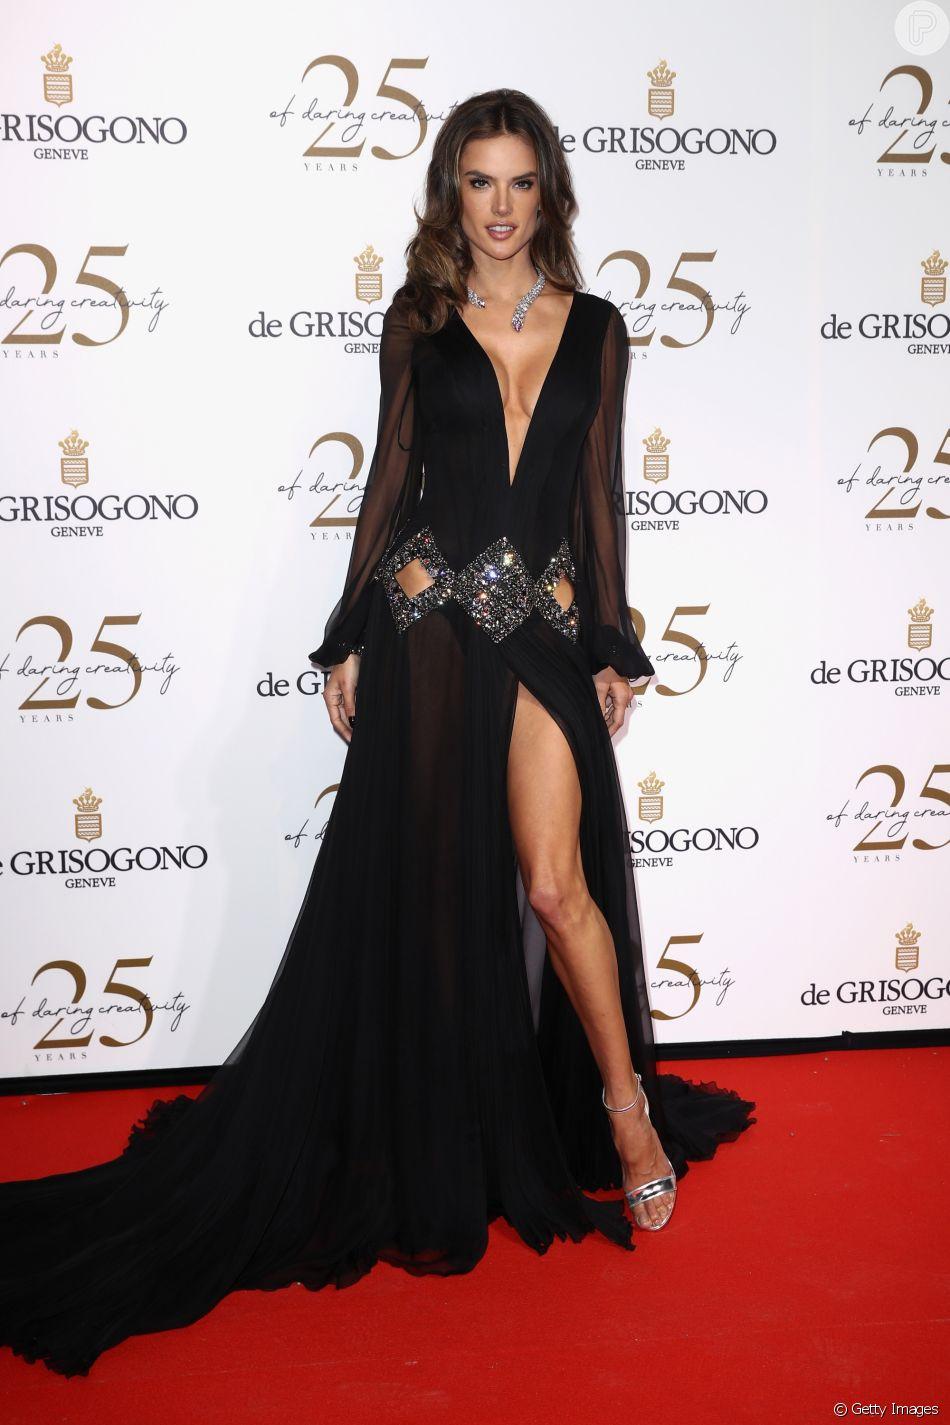 Alessandra Ambrosio prestigia comemoração pelos 25 anos da marca suíça De Grisogono durante Festival de Cannes, em Cap d'Antibes, na França, nesta terça-feira, 15 de maio de 2018